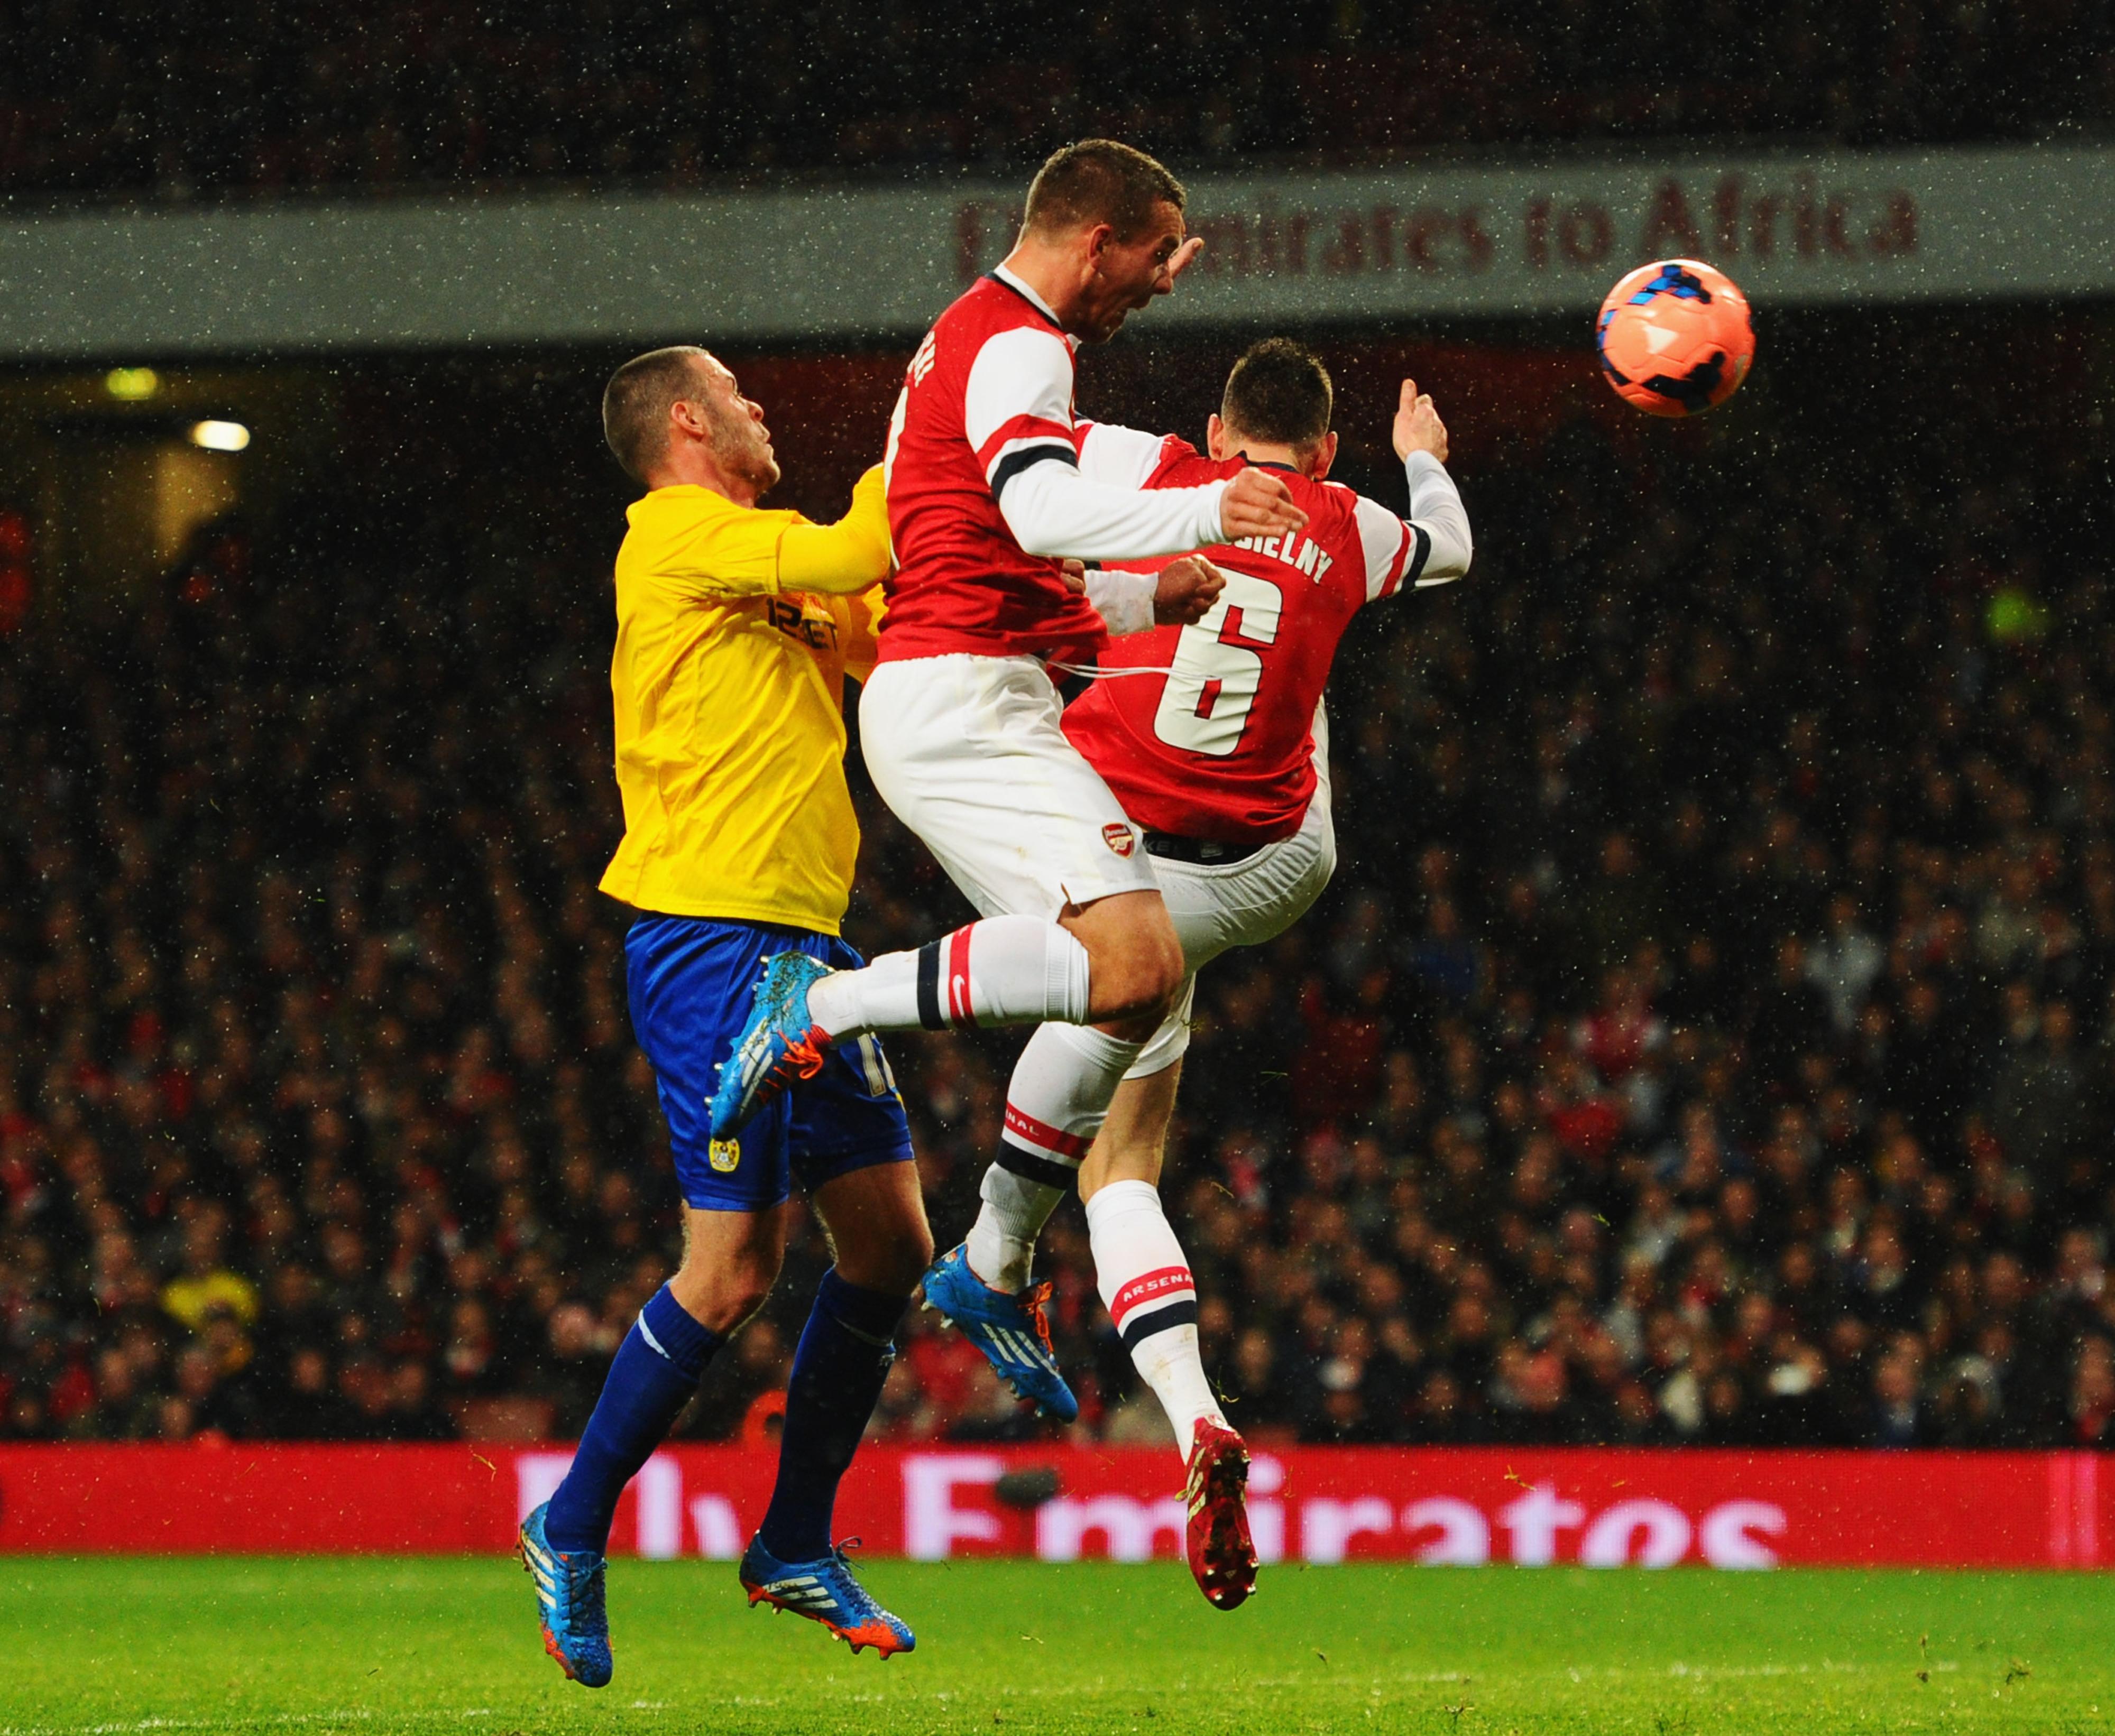 Arsenal vs. Coventry City: Final score 4-0, Podolski brace sees Gunners through